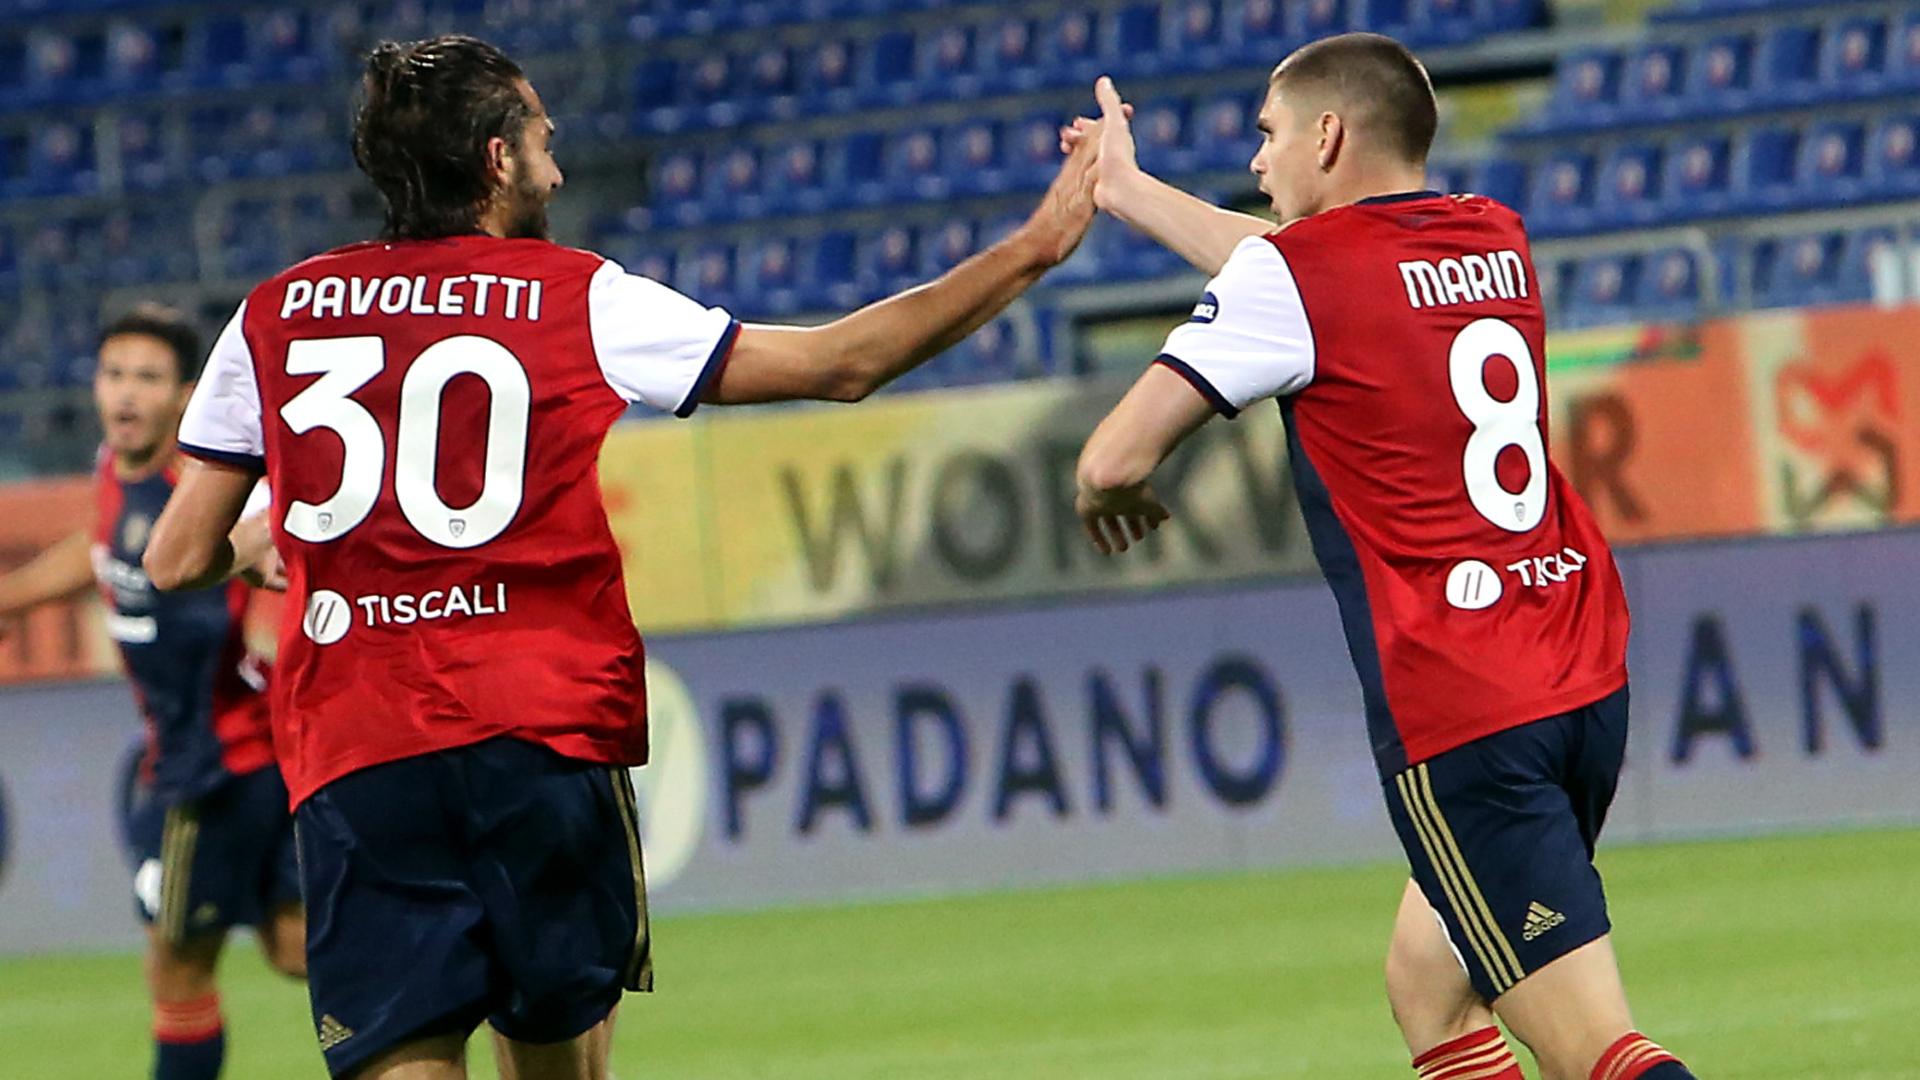 Cagliari-Parma 4-3: rimonta sarda nel recupero, decide Cerri al 94′